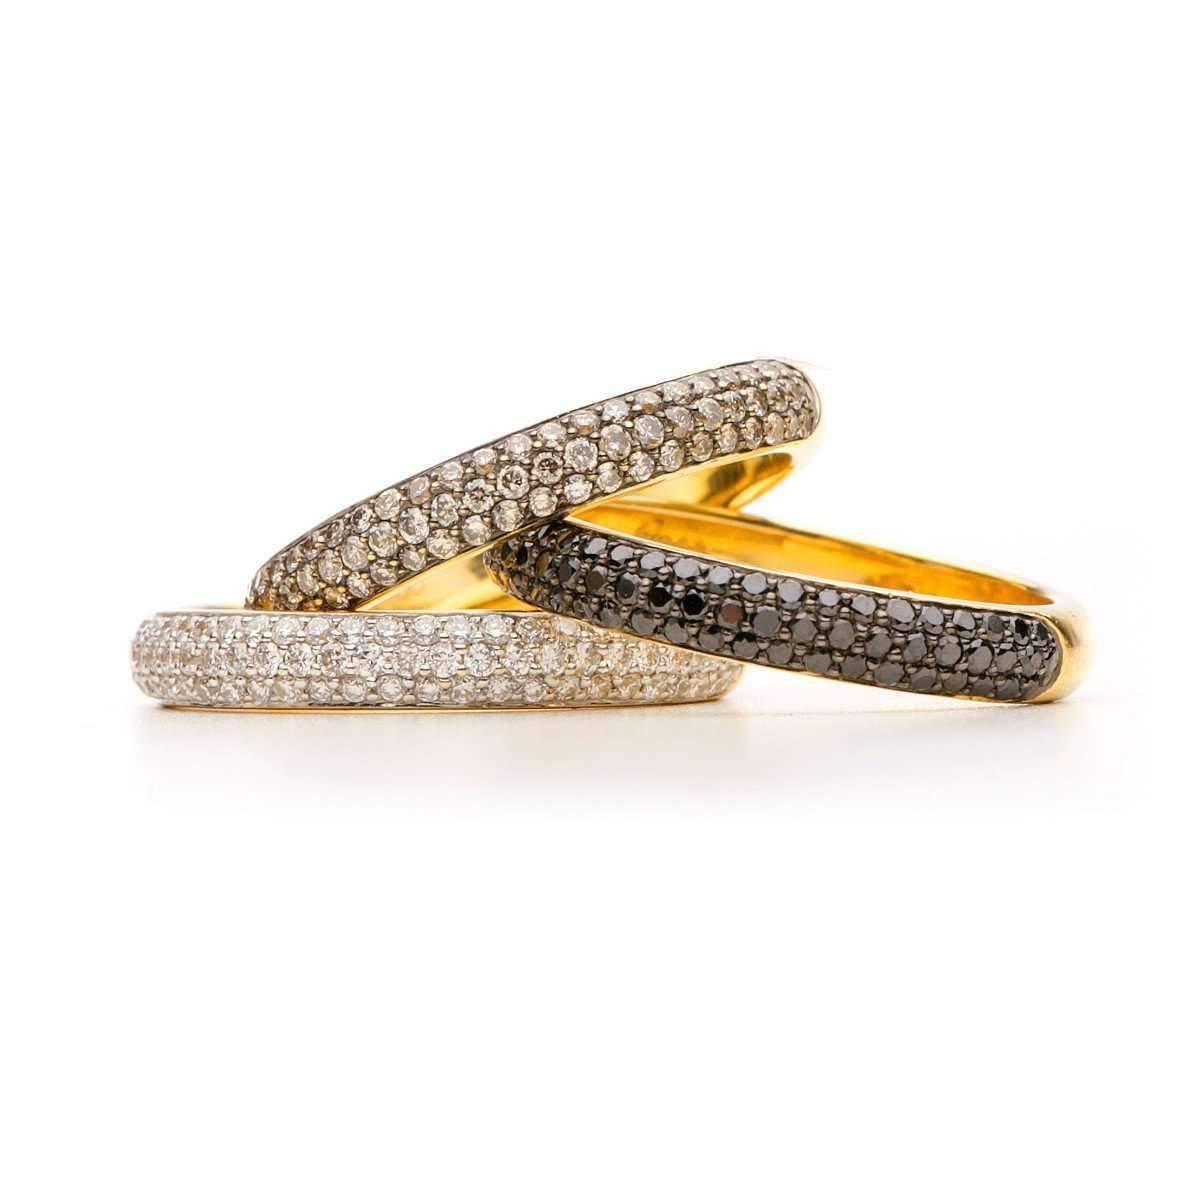 Syna 18kt Mogul Bracelet With Diamonds dc4JZsN